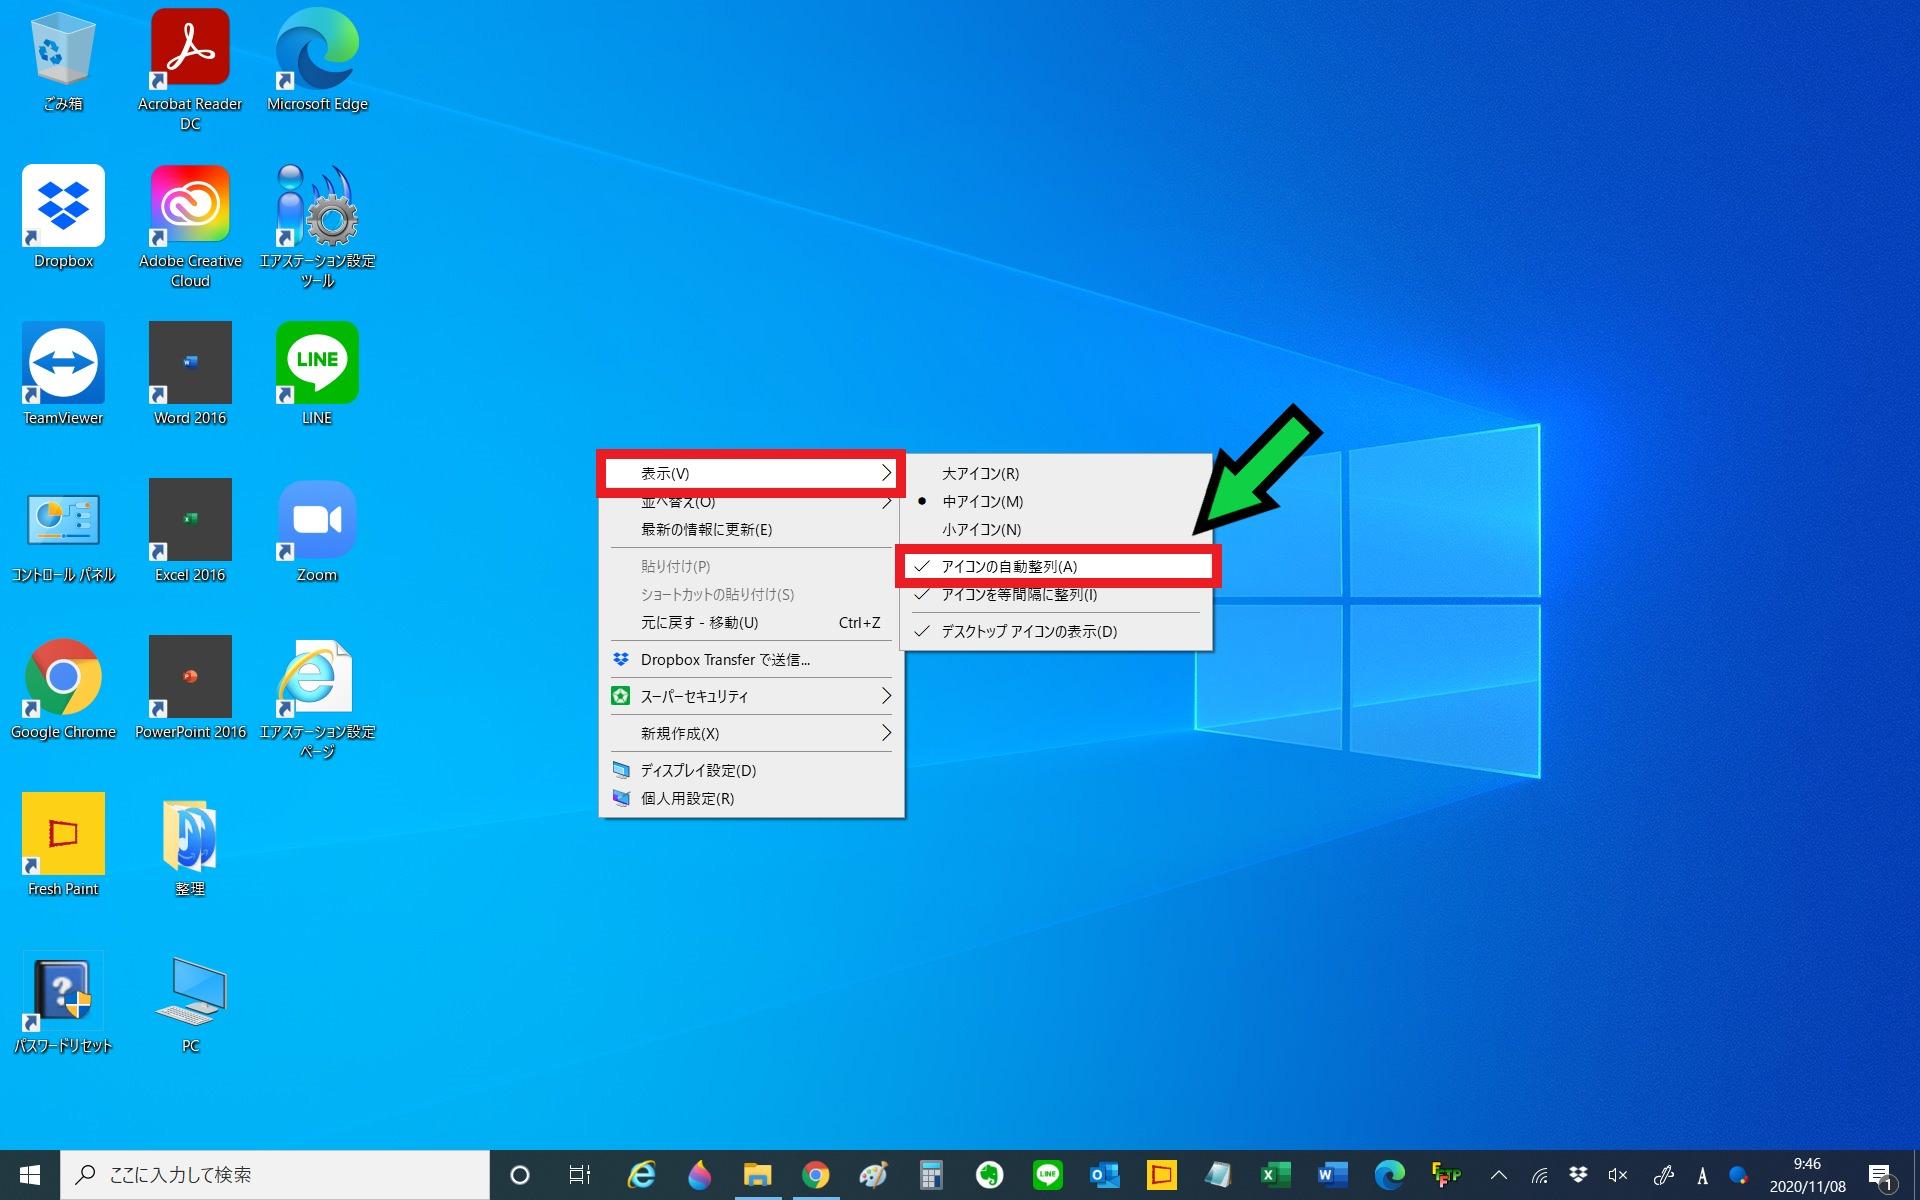 デスクトップアイコンを任意の場所に移動できない時の解決方法【Windows10】